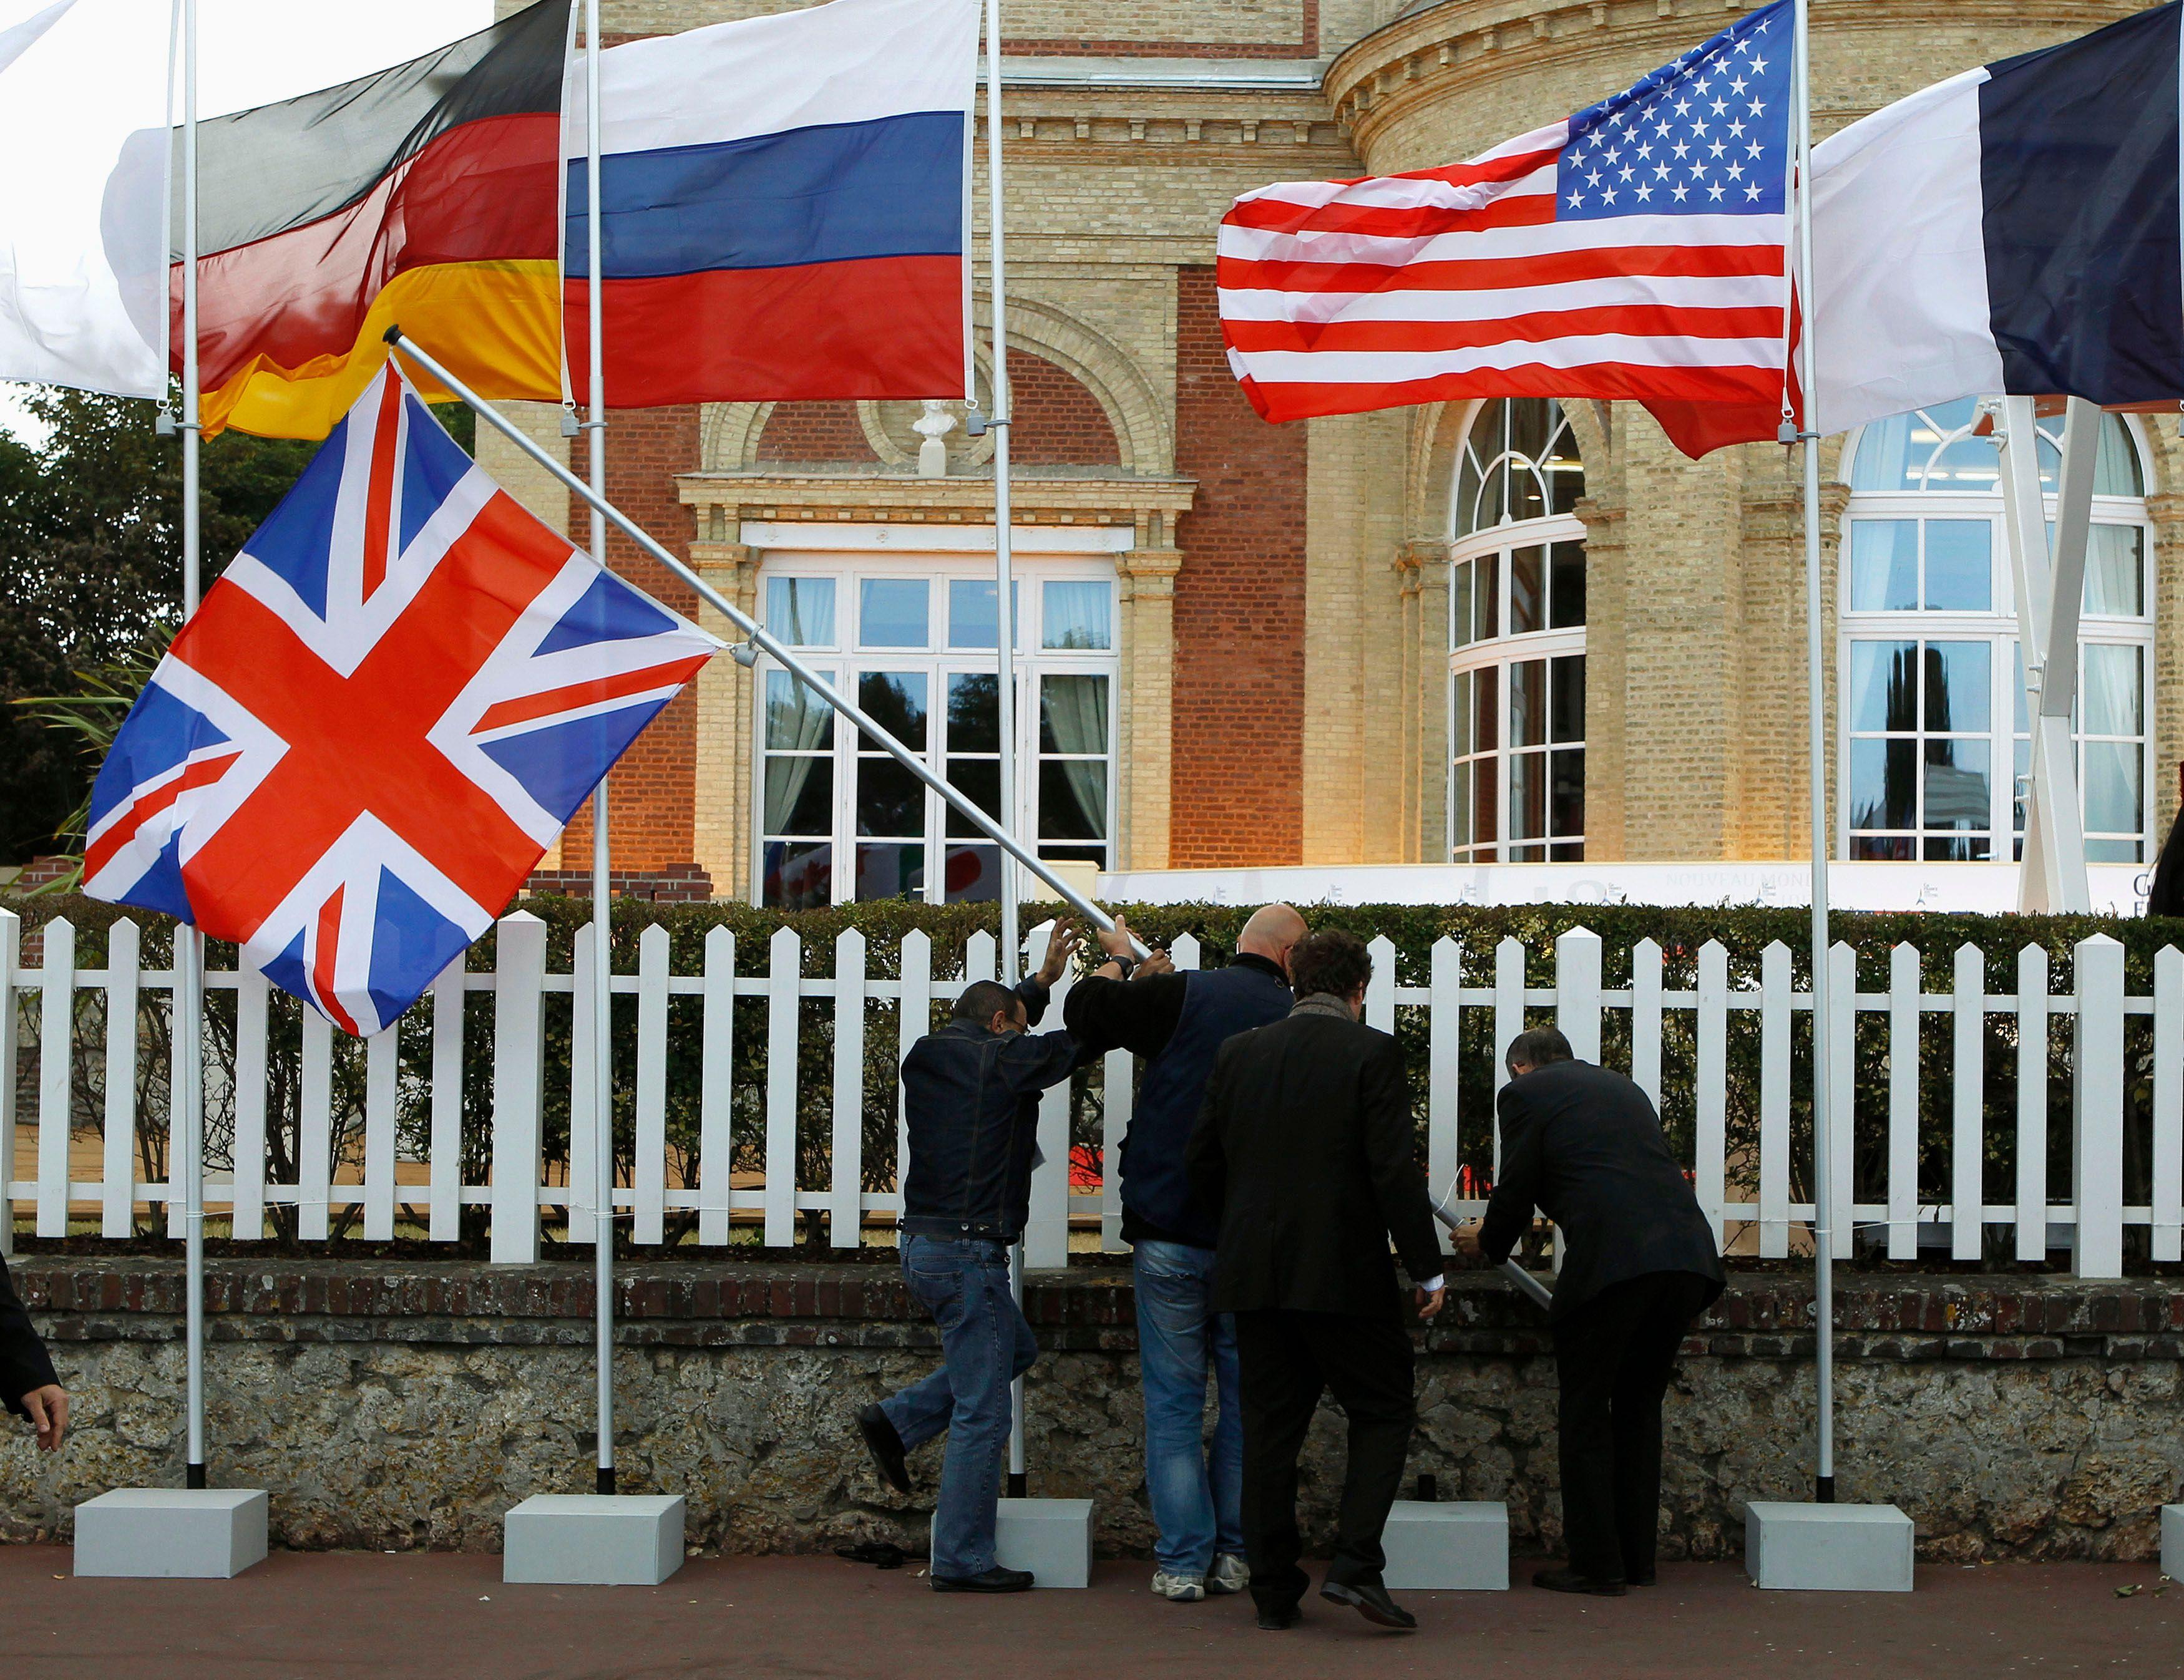 Ce vendredi, débutera le sommet international du G8 pour 2 jours à Camp David près de Washington.